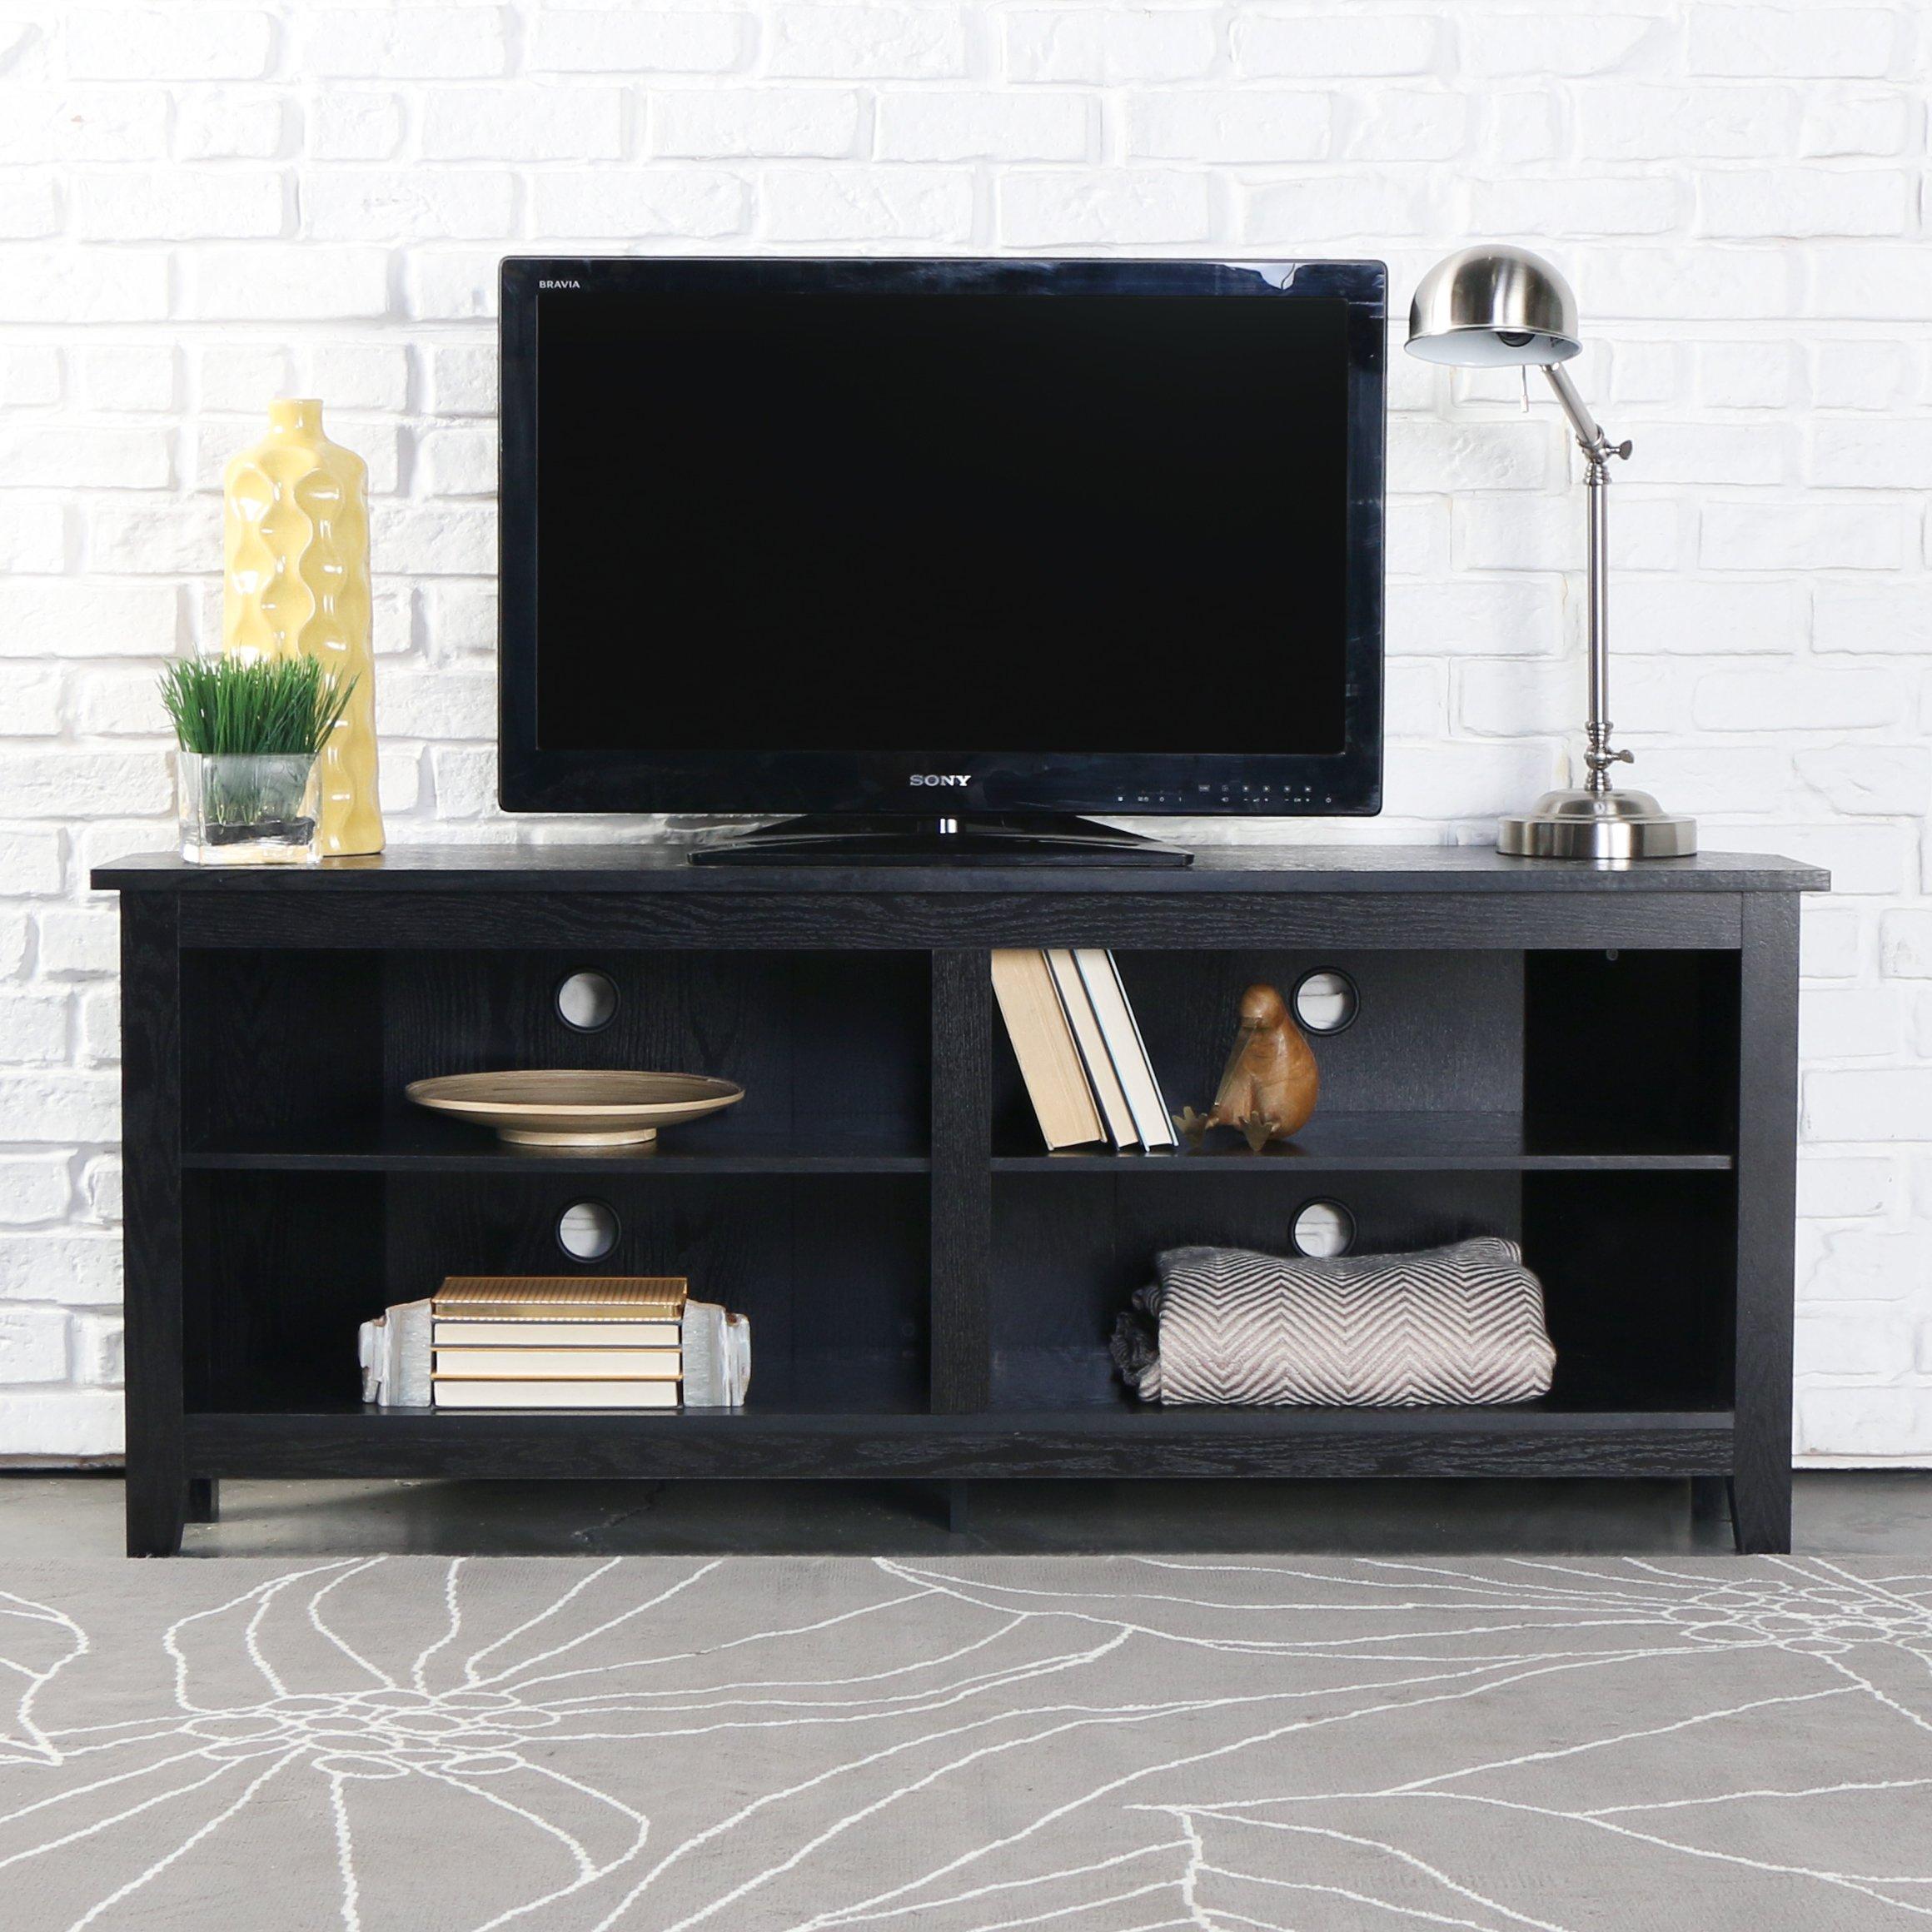 black corner tv stand. Black Bedroom Furniture Sets. Home Design Ideas